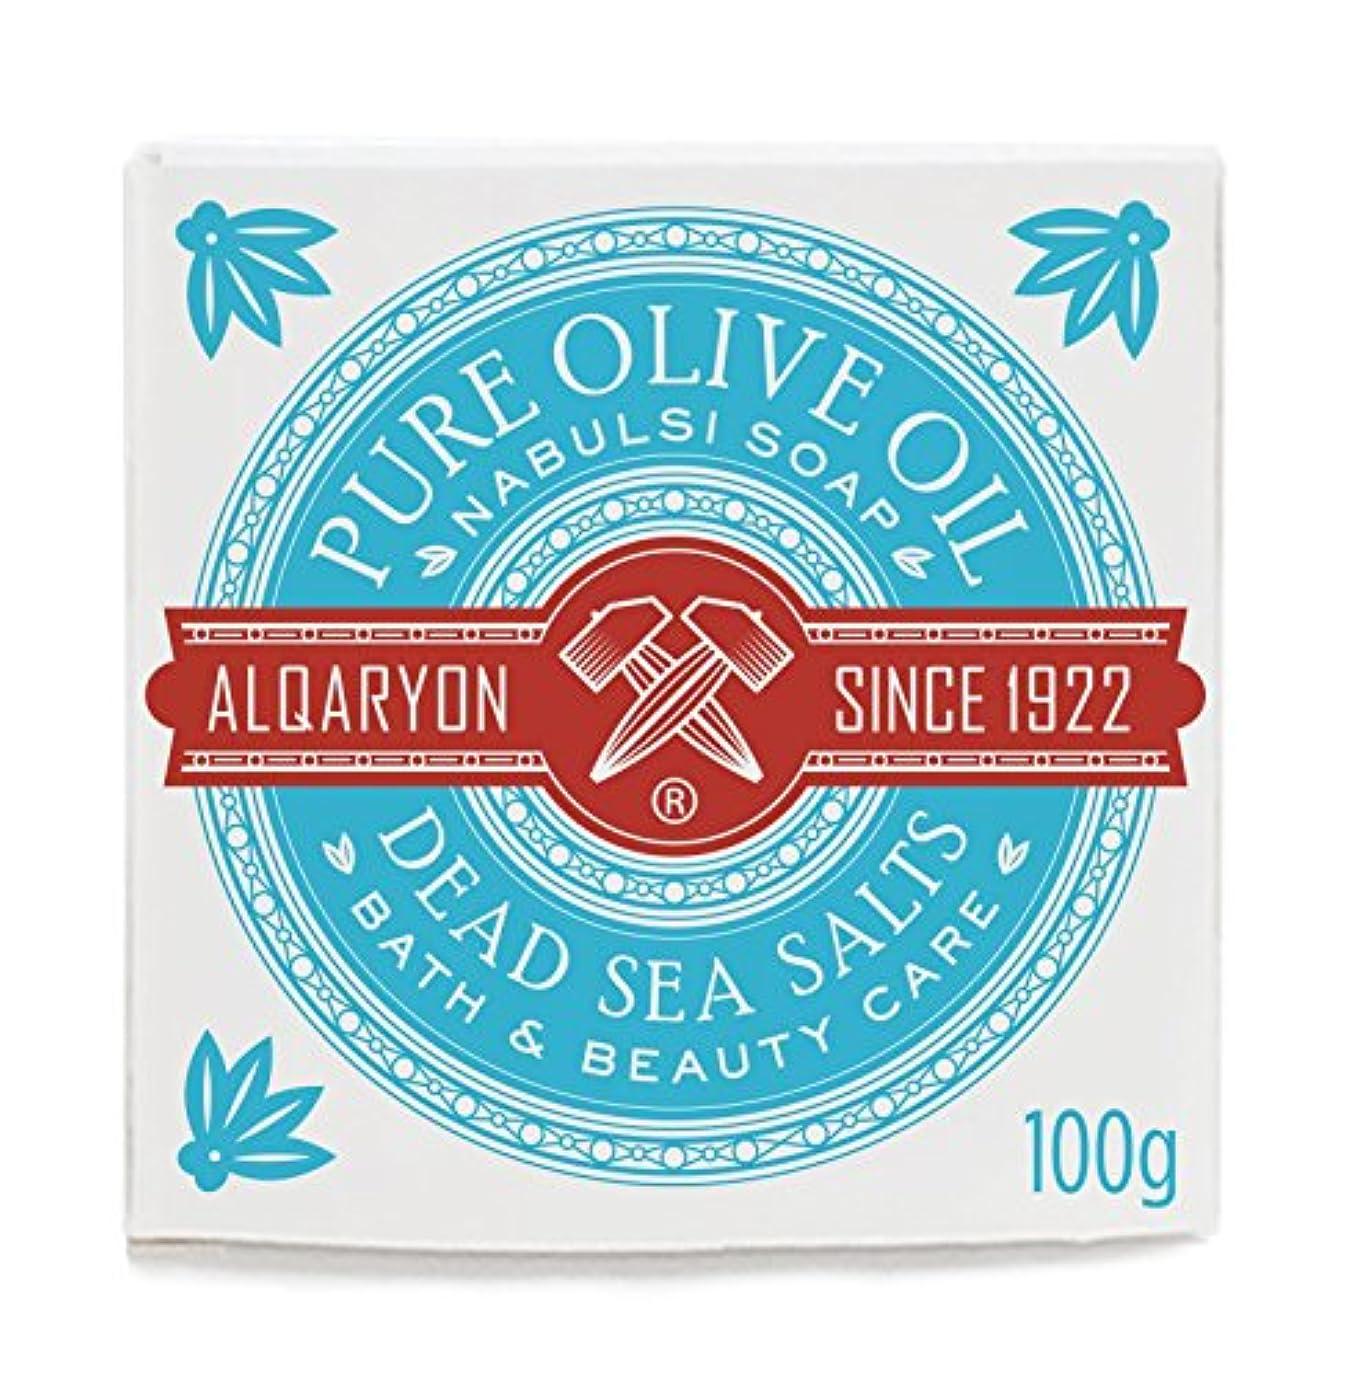 農奴奨励オーバーフローAlqaryon Dead Sea Salts & Olive Oil Bar Soap, Pack of 4 Bars 100g- Alqaryonの死海で取れる塩&オリーブオイル ソープ、バス & ビューティー ケア...